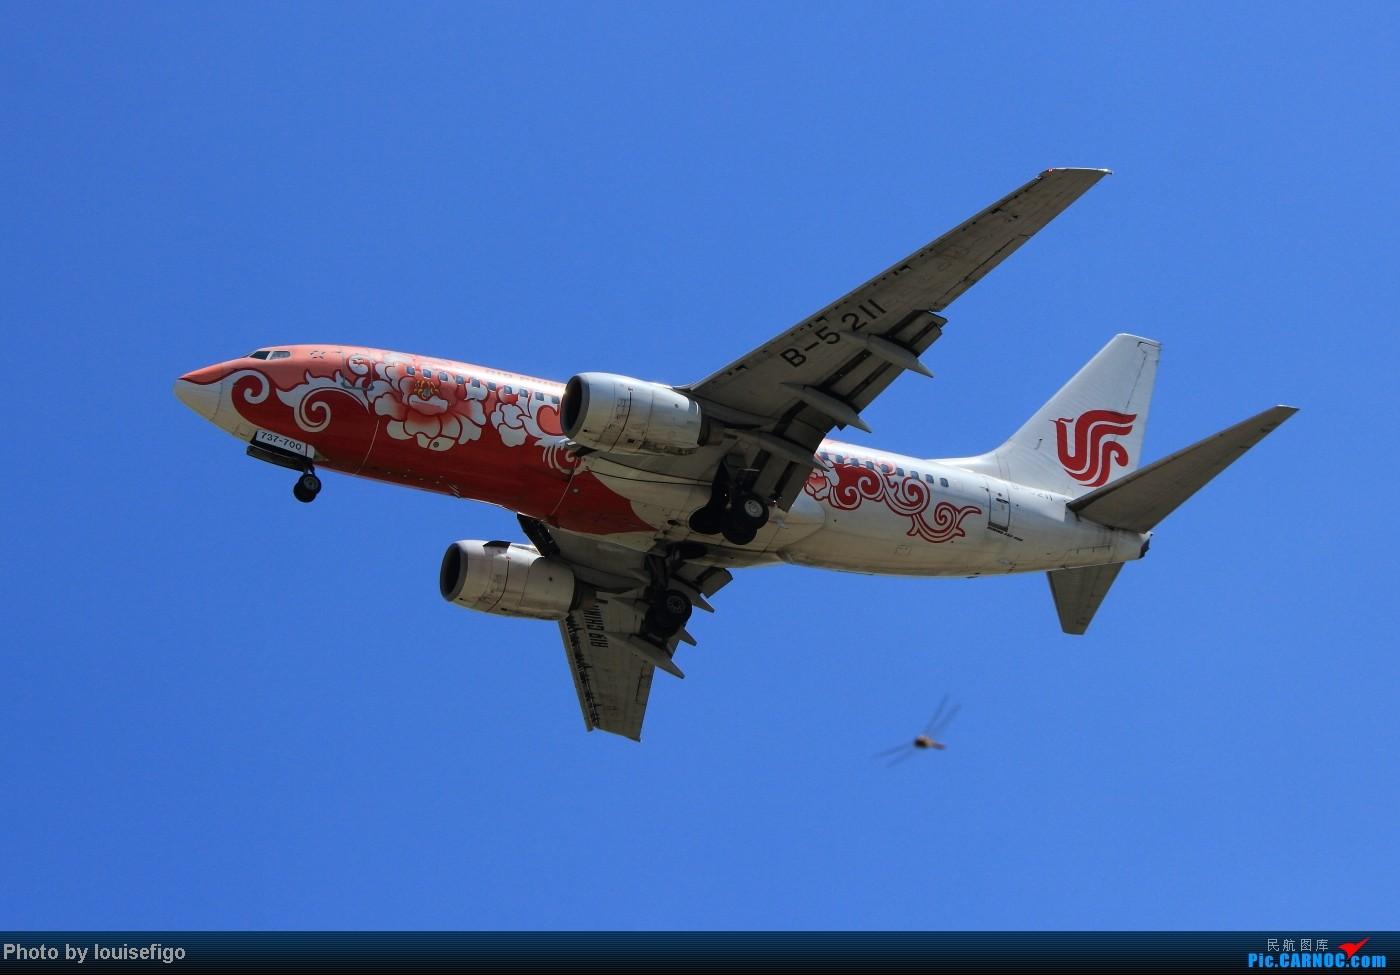 两张难得一见  绝对不一样的牡丹双飞!粉牡丹与红牡丹!  :) BOEING 737-700 B-5211 北京首都国际机场